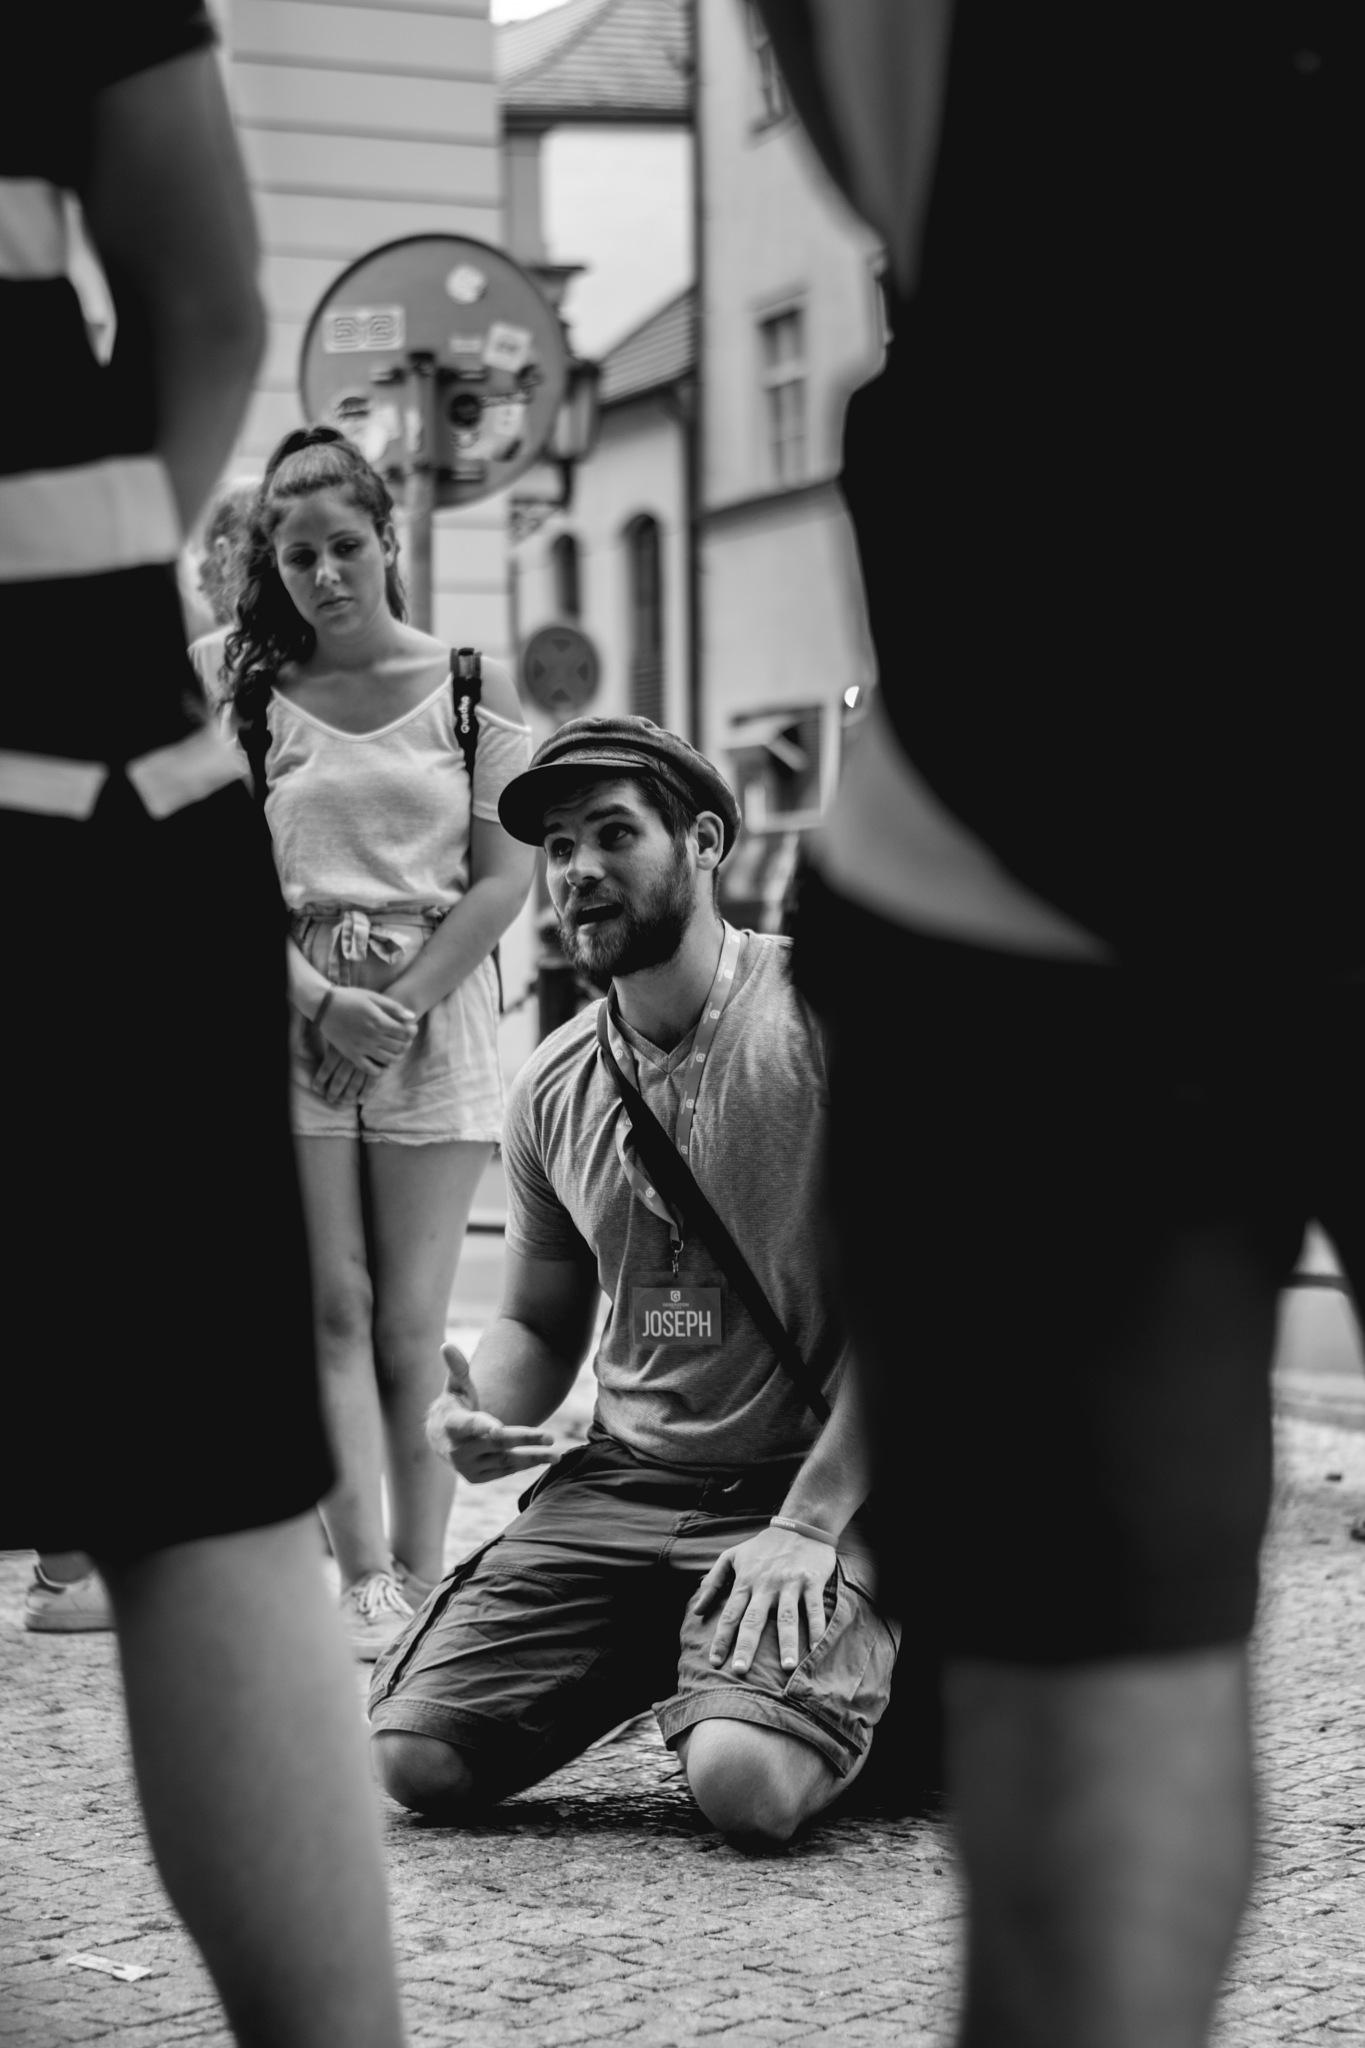 Trip advisor.  by Paweł Puszkarski